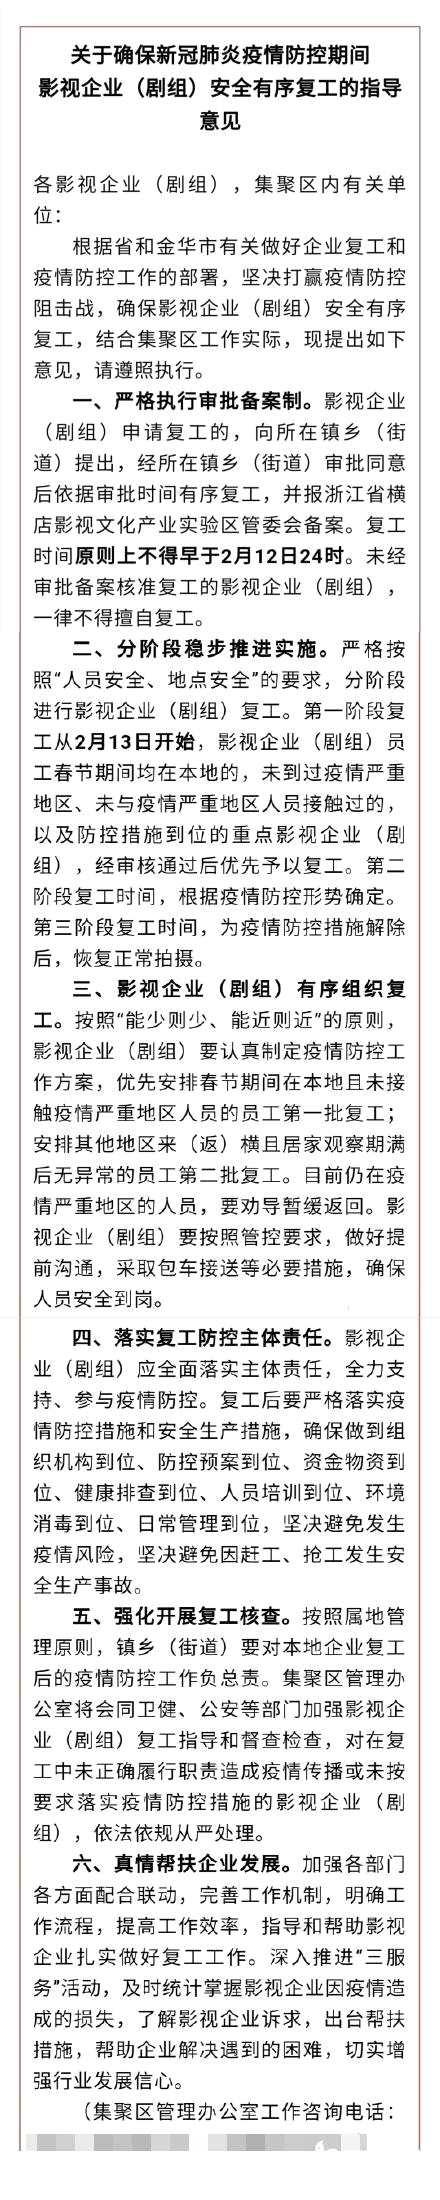 横店影视城宣布:13日起逐步复工 审核通过可复工